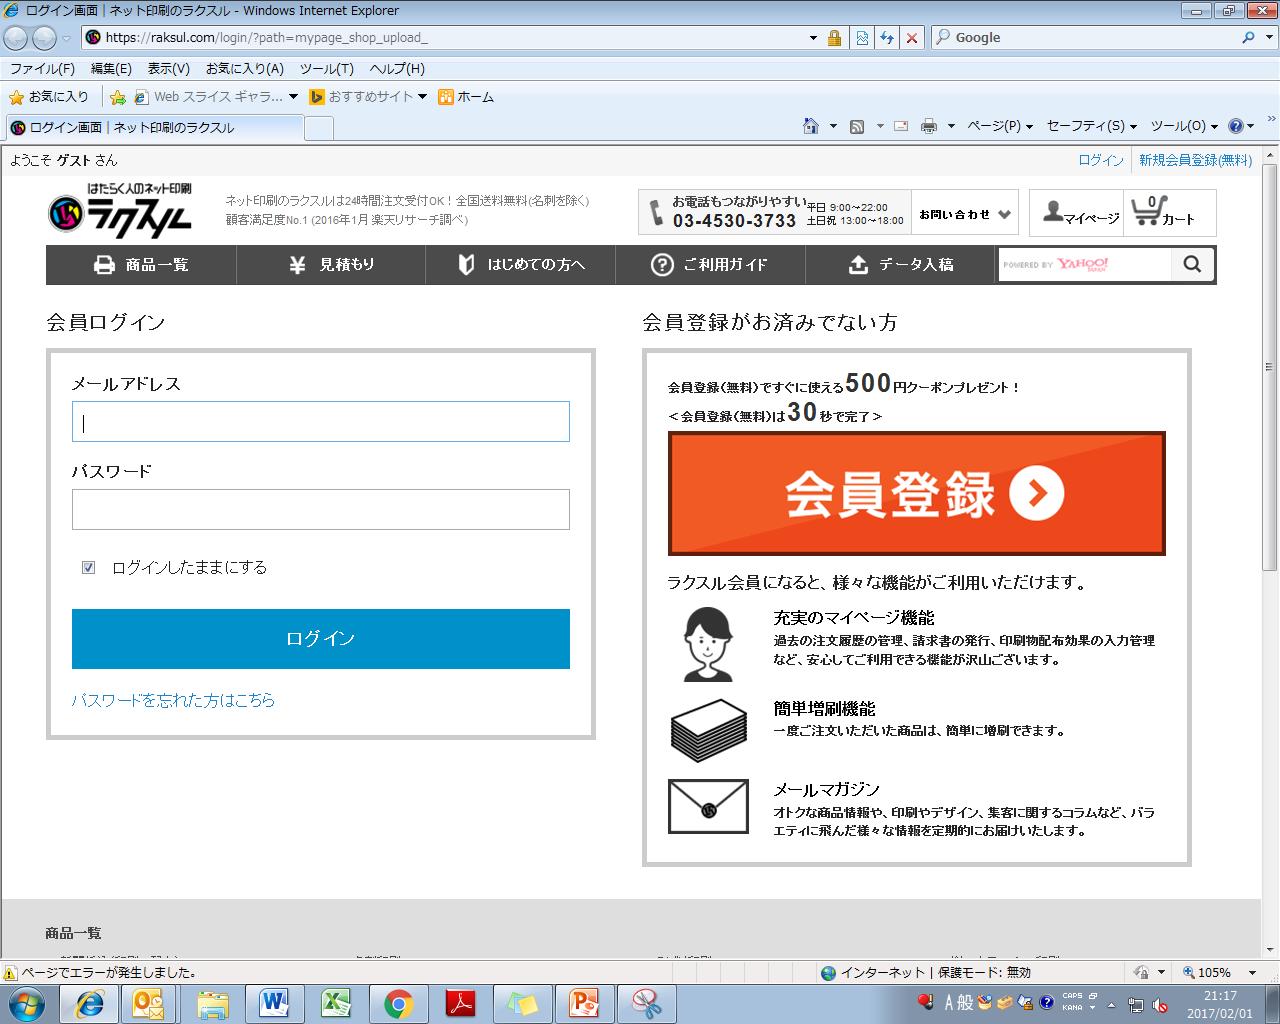 え!?激安で簡単!名刺100枚がたったの500円で作れる方法!!10